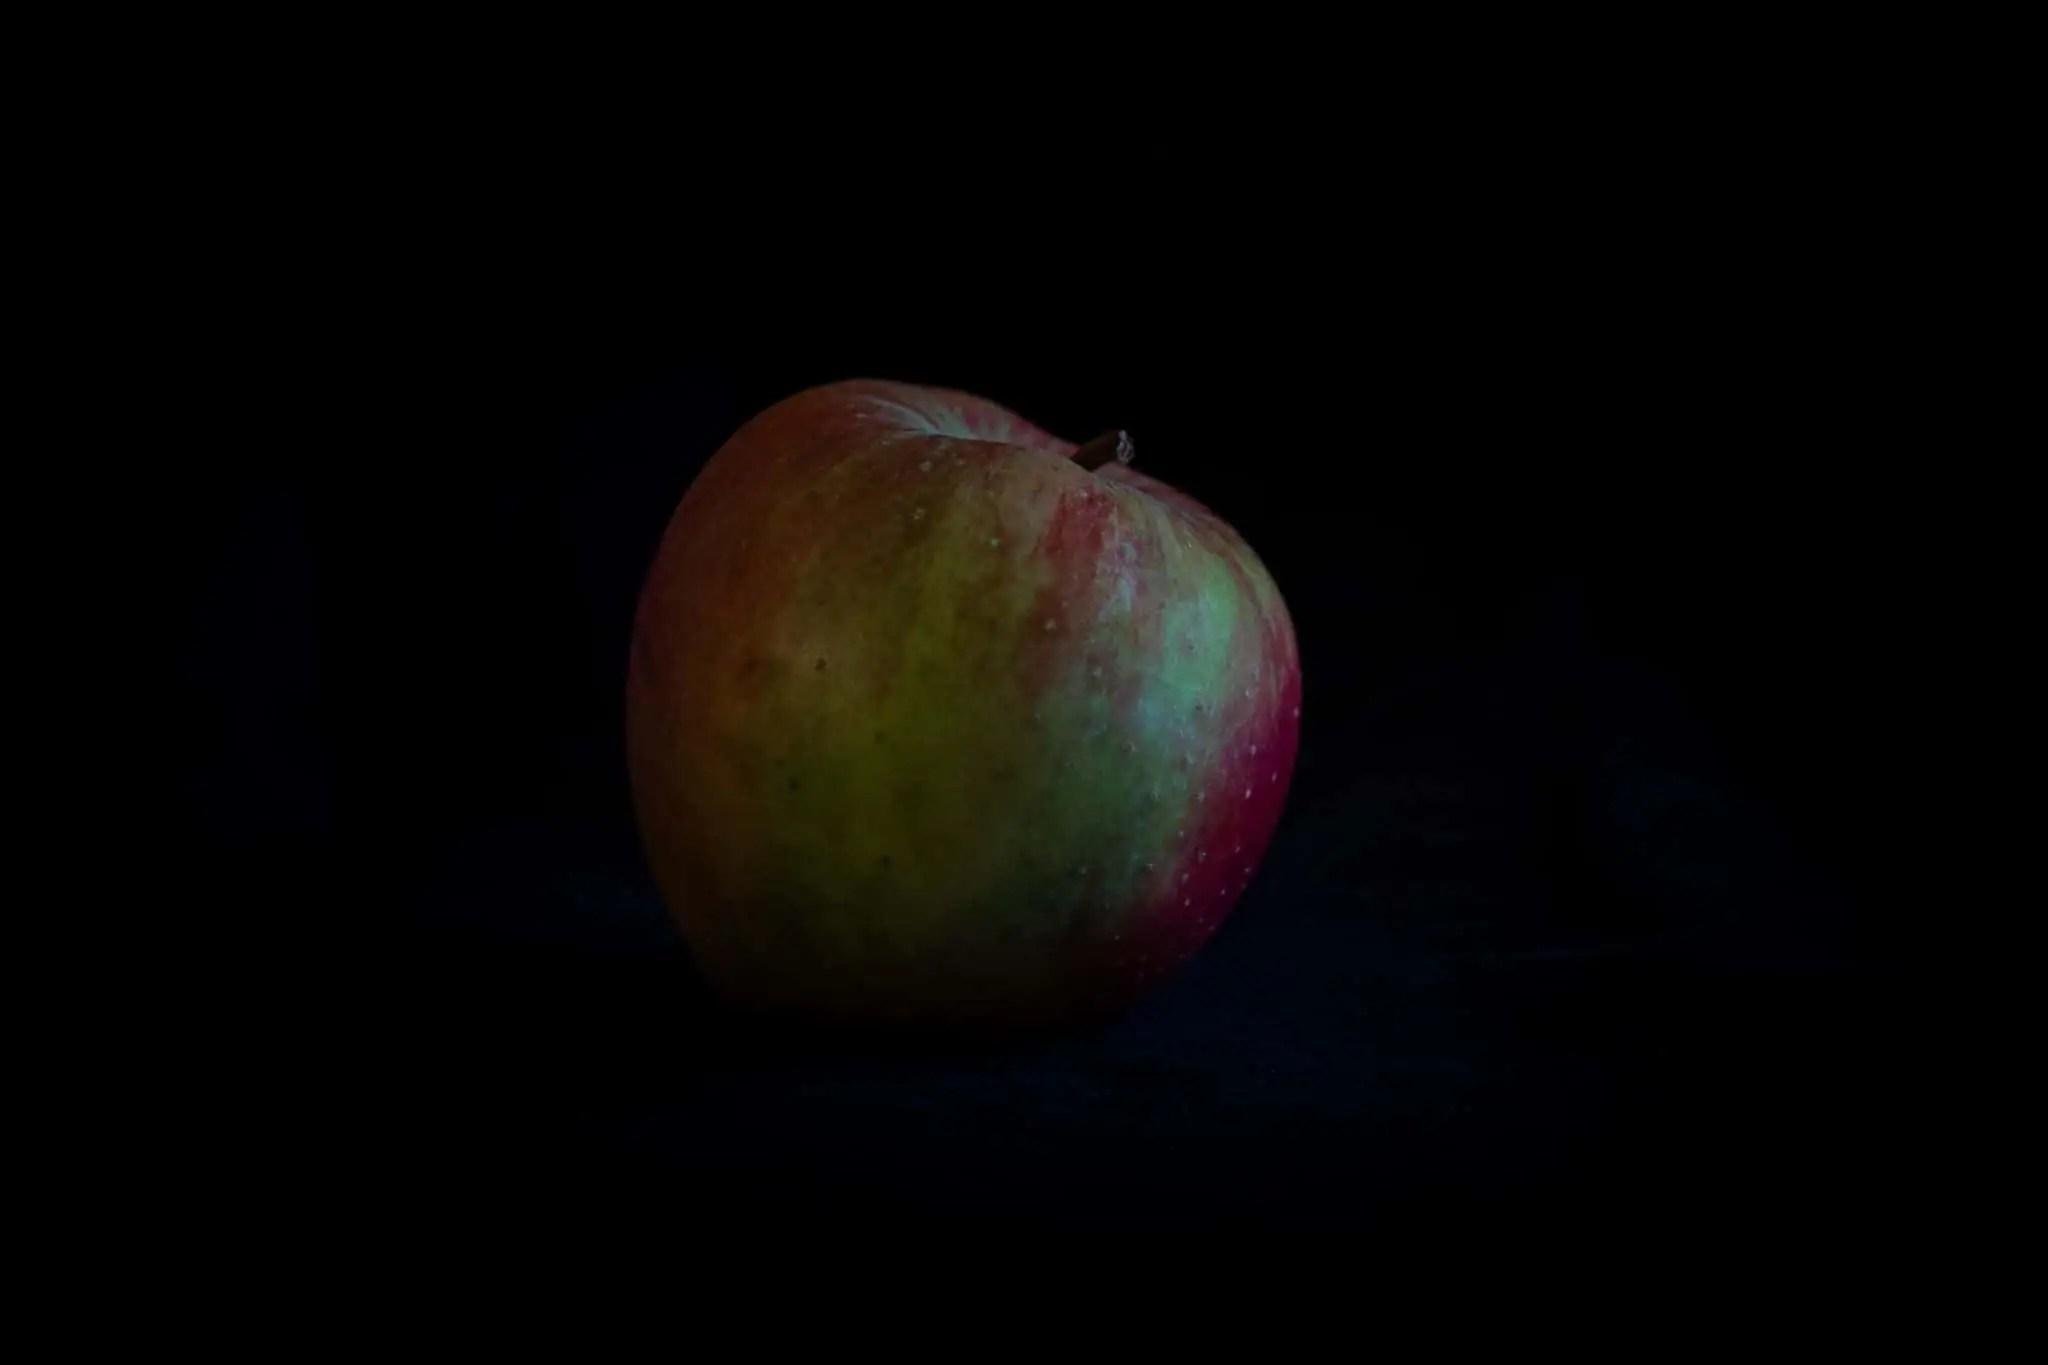 Zdjęcia jabłek w stylu rembrandta 5 scaled - Zdjęcia jabłek - polskie owoce